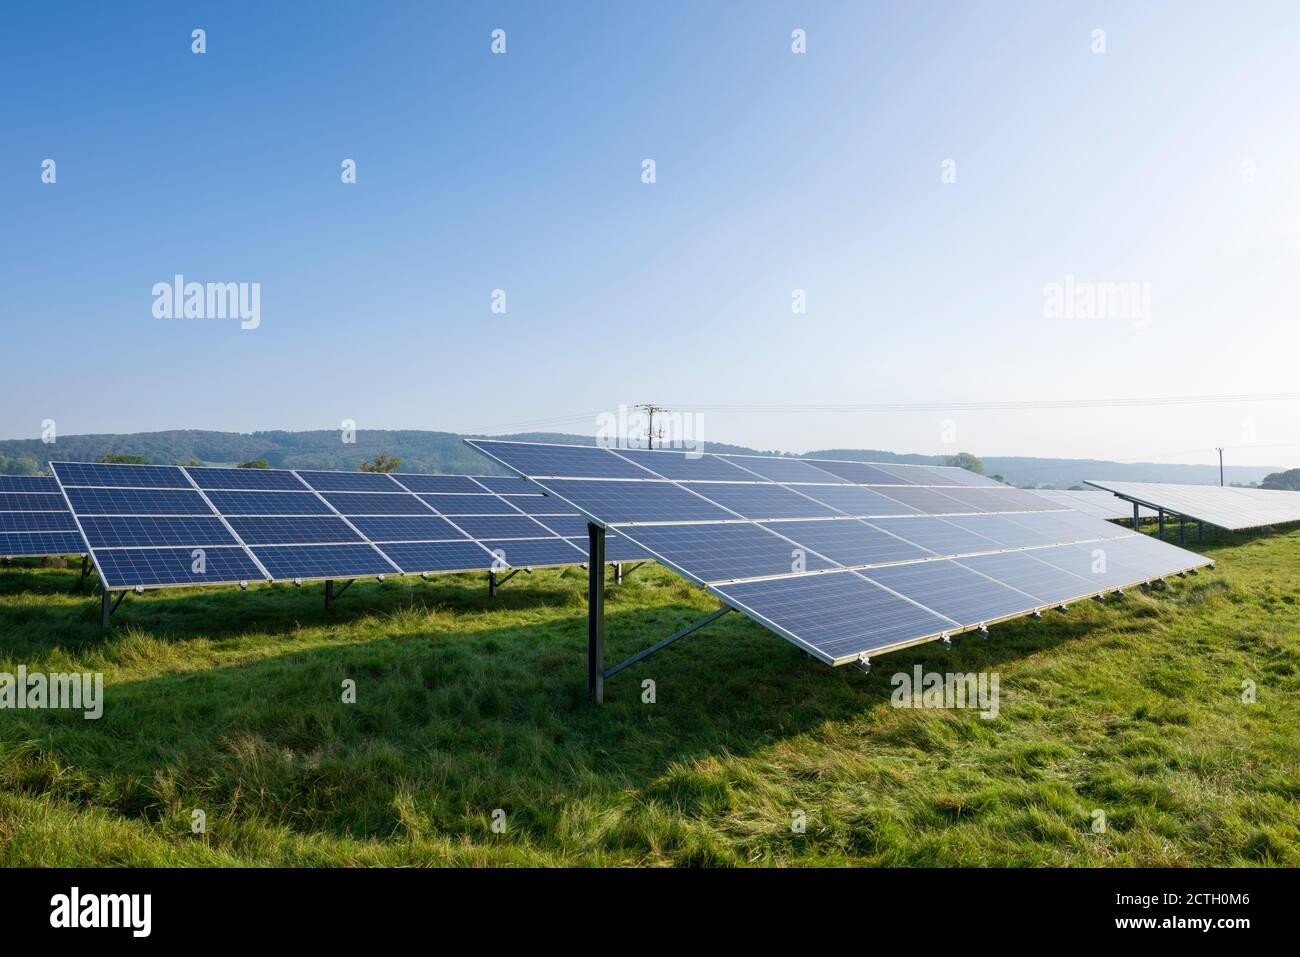 Panneaux solaires dans un champ produisant de l'électricité près de Churchill, dans le nord du Somerset, en Angleterre. Banque D'Images